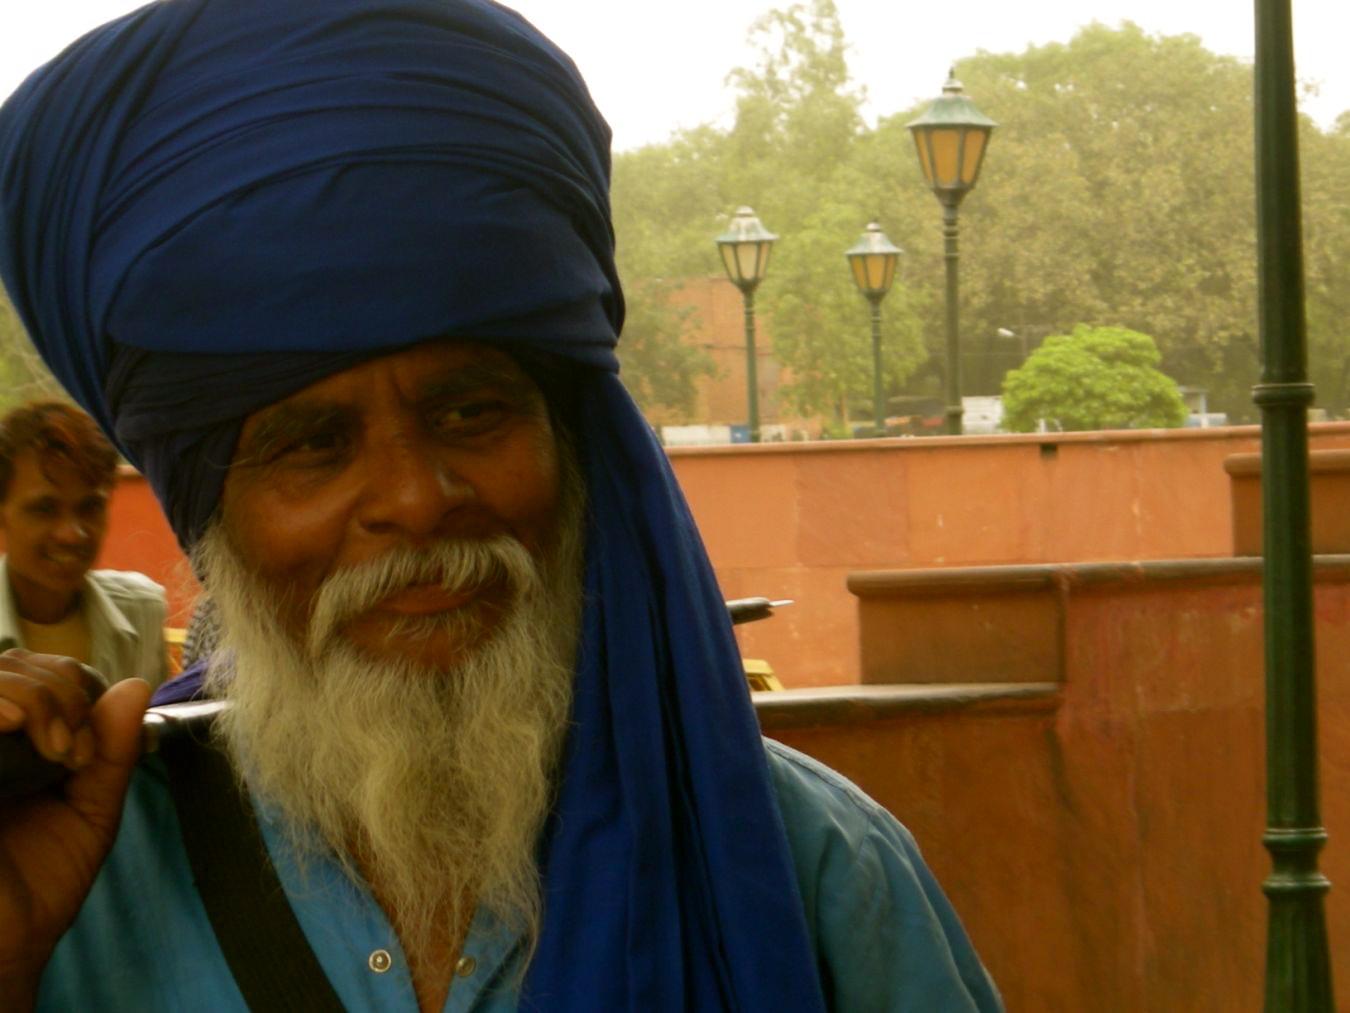 Why I Love India